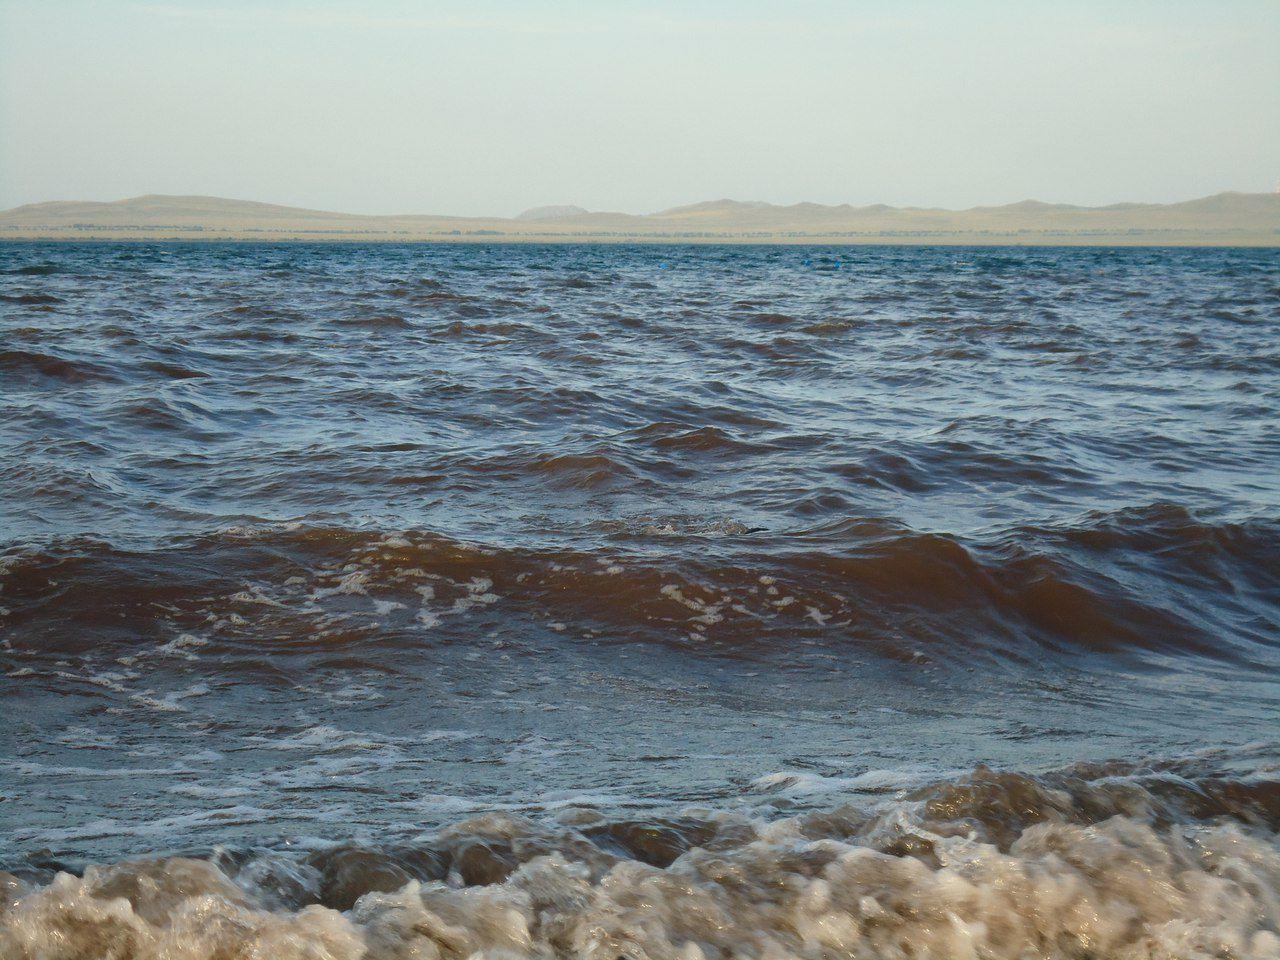 Озеро Шира, Хакасия, фото